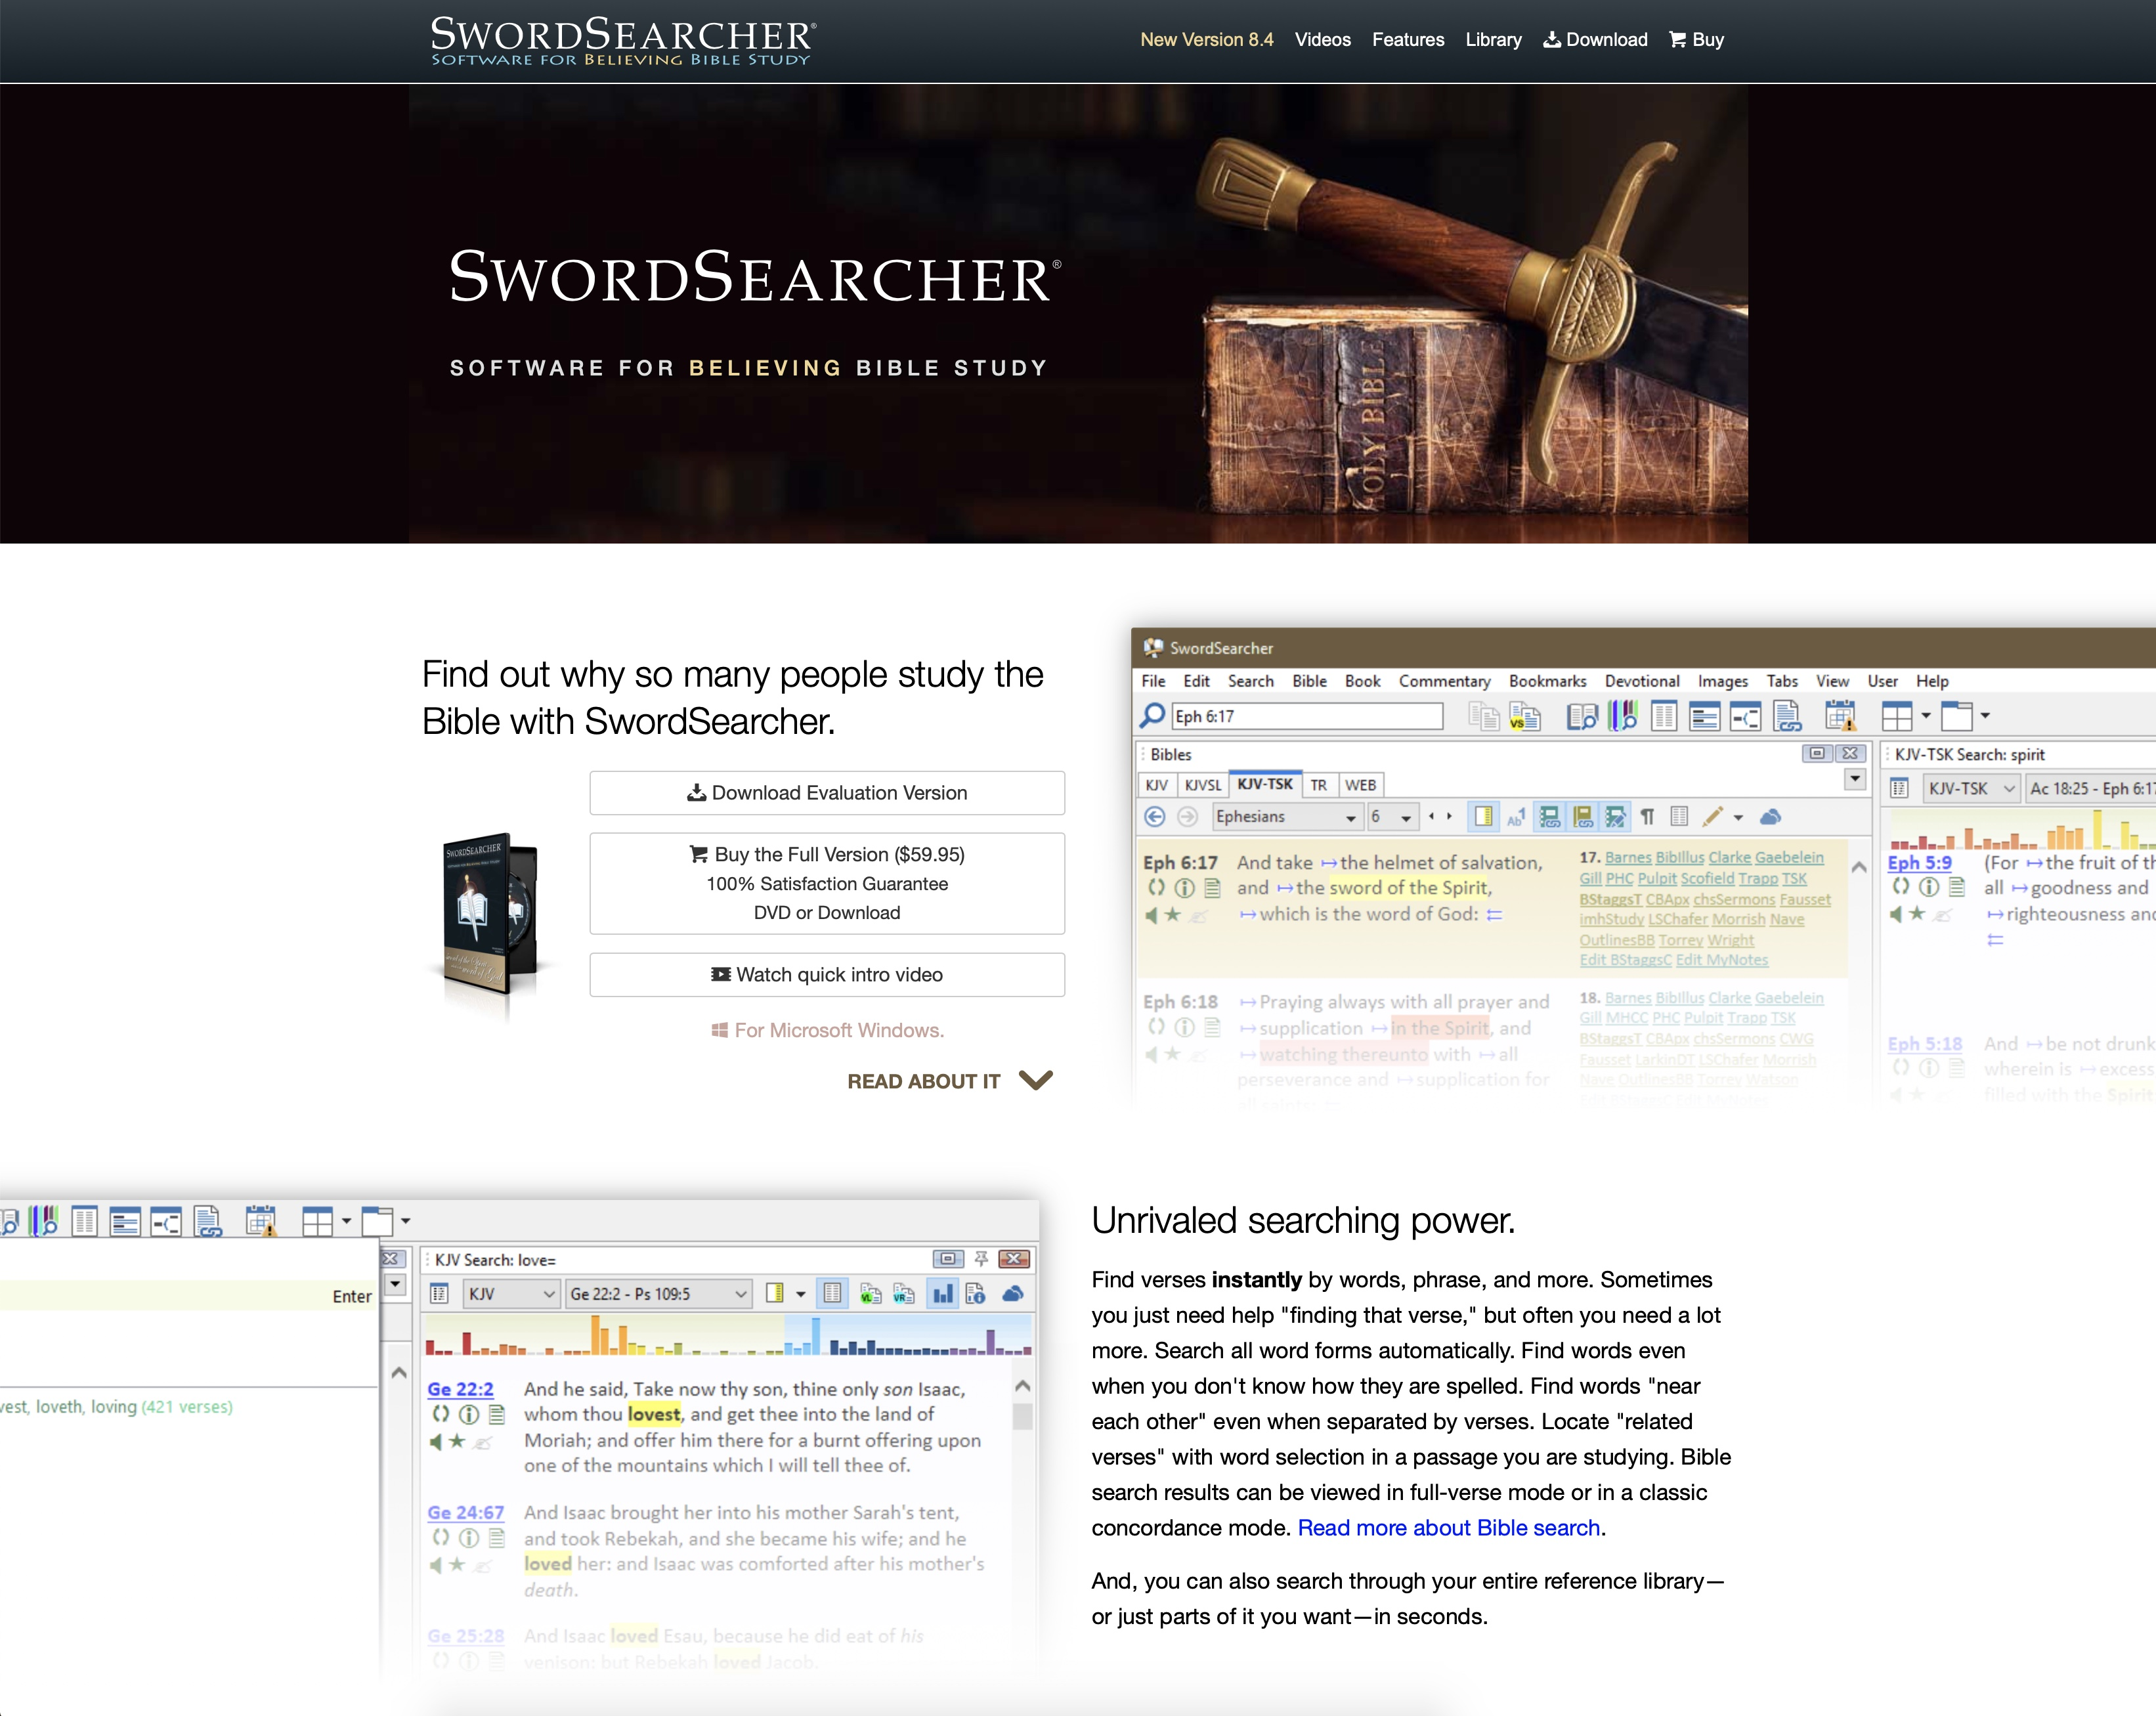 Swordsearcher KJV bible software. Bijbelstudie software KJV. Software om de King James Bible te bestuderen